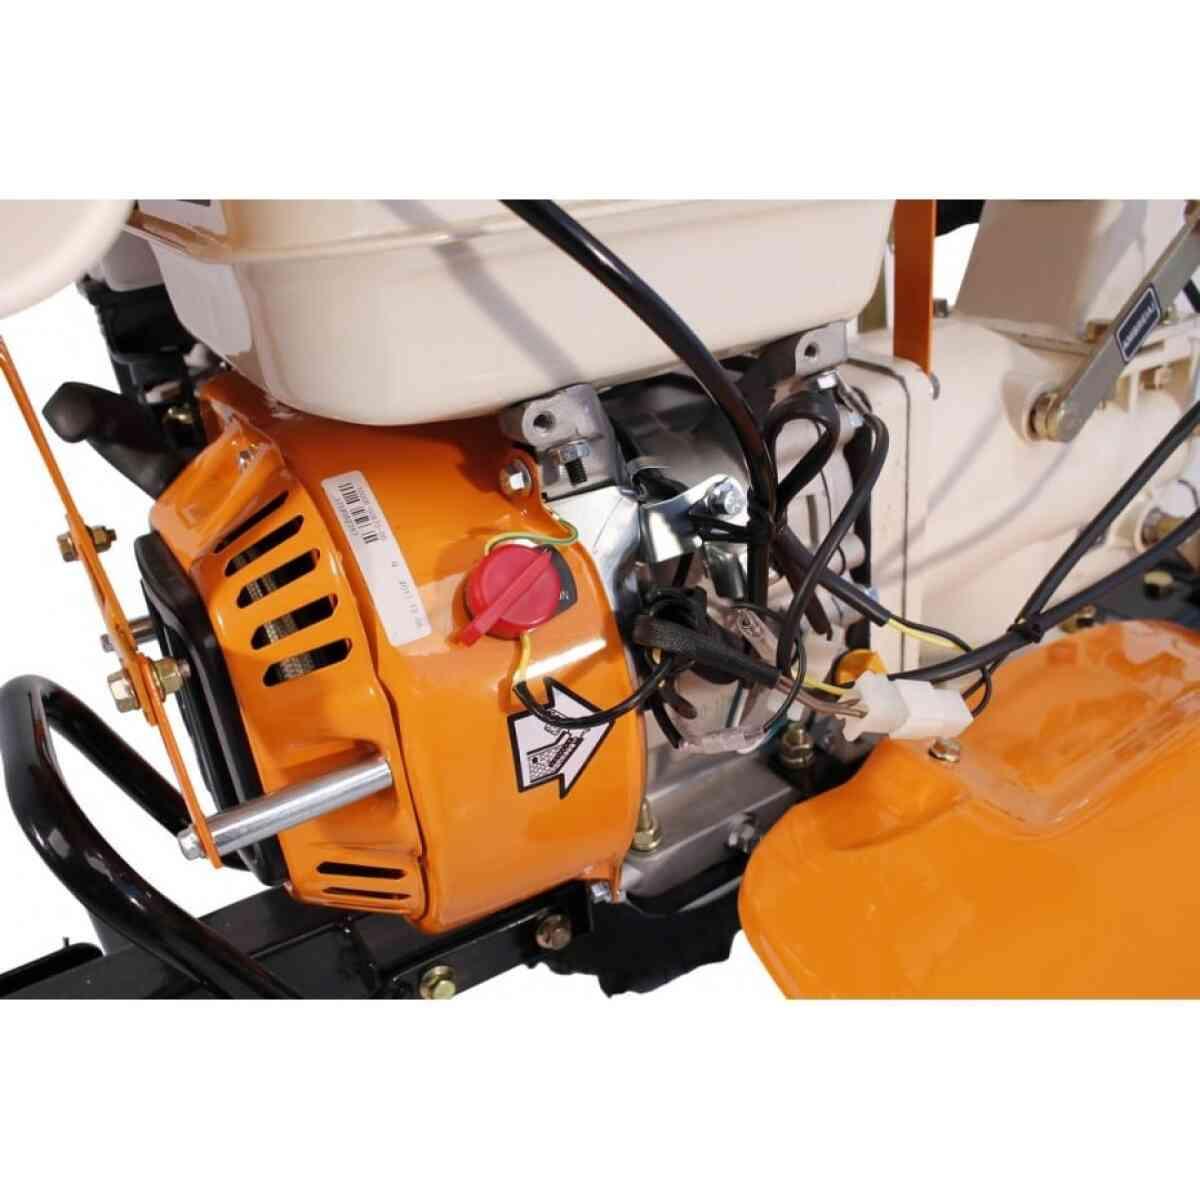 motocultor o mac new 1000 s 8cp cu roti o mac.ro 3 1 98